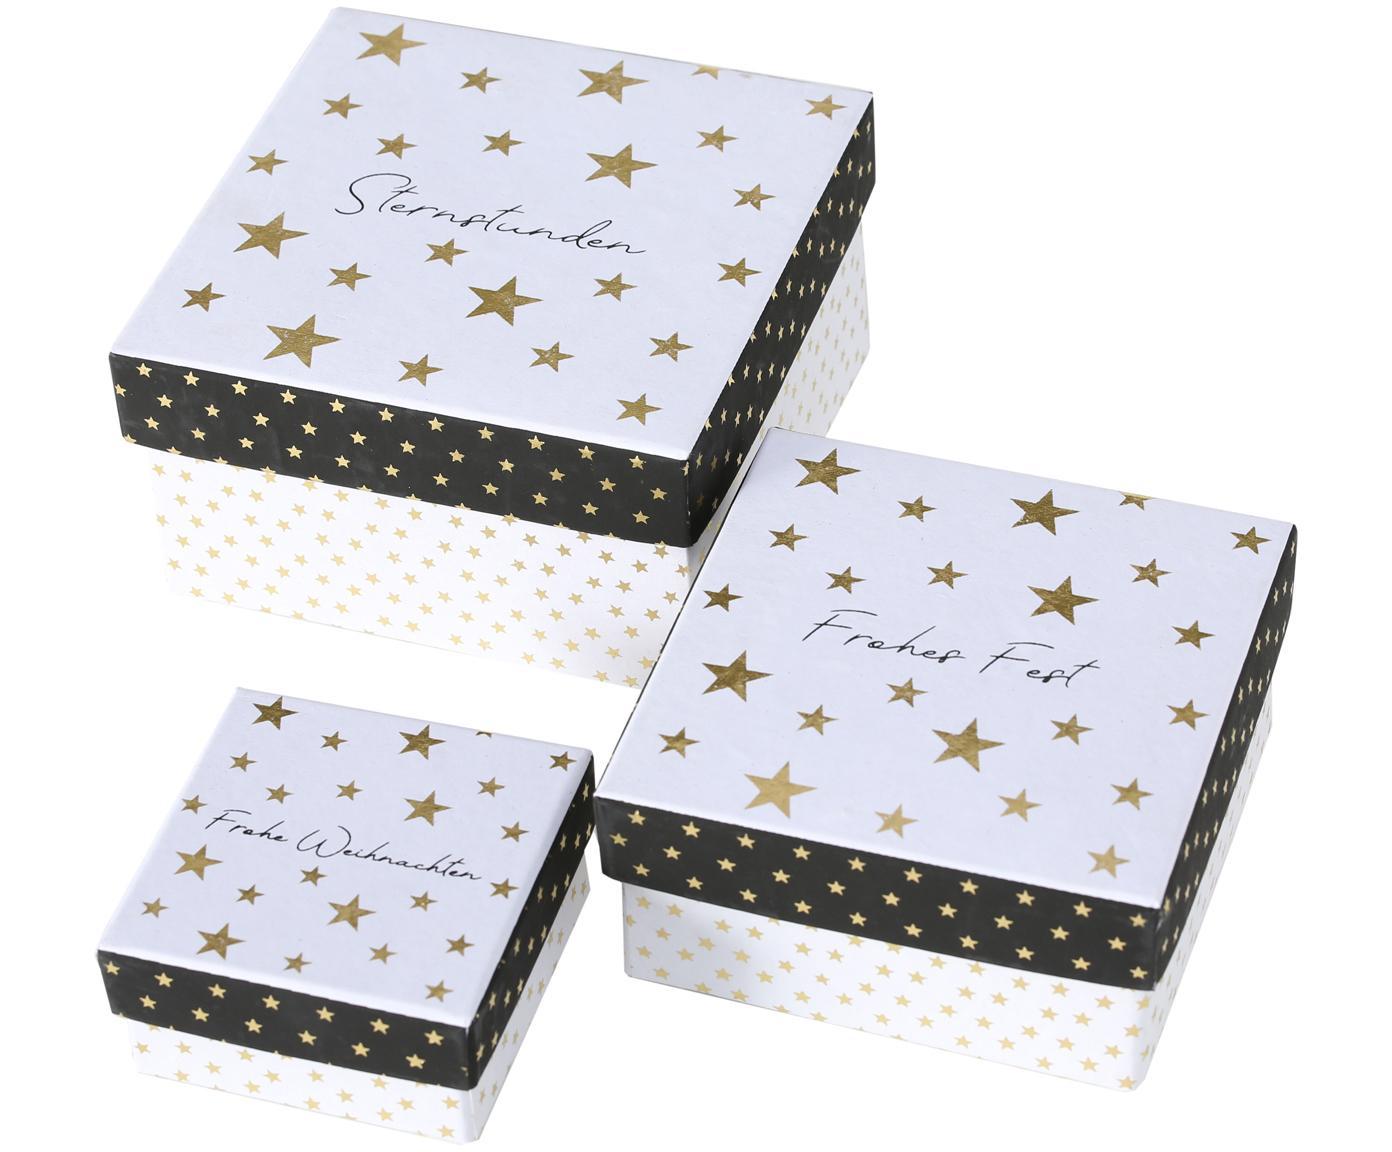 Set de cajas para regalo Nica, 3pzas., Papel, Negro, blanco, dorado, Tamaños diferentes